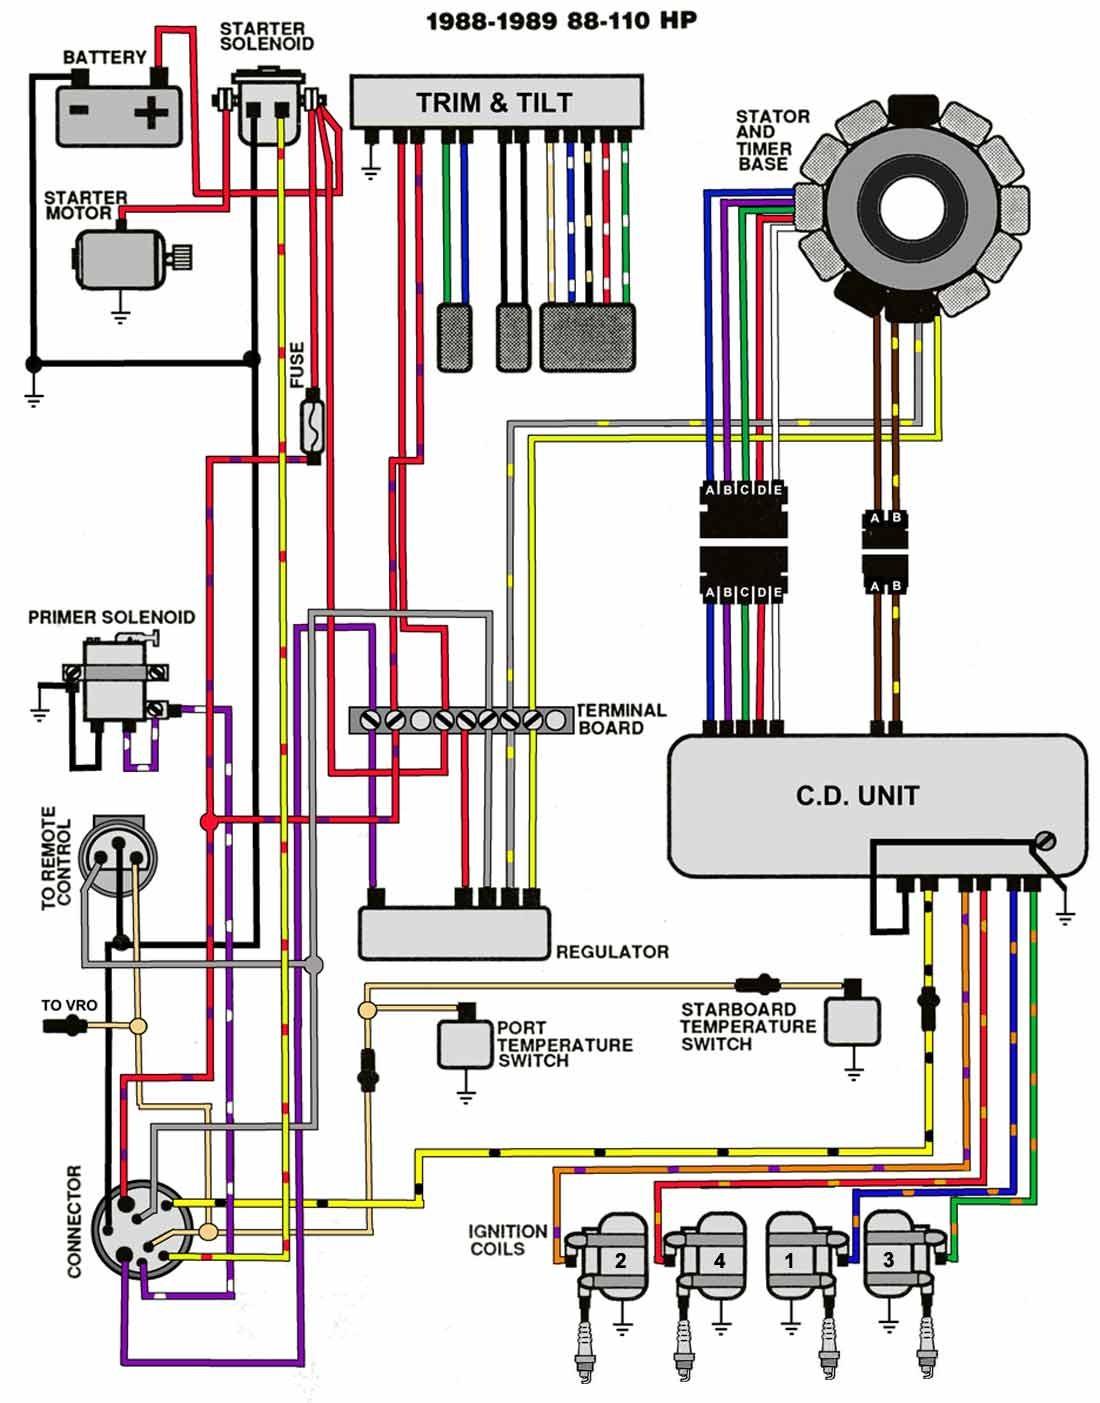 843 Johnson Evinrude Tilt Trim Wiring Diagram   Wiring ResourcesWiring Resources